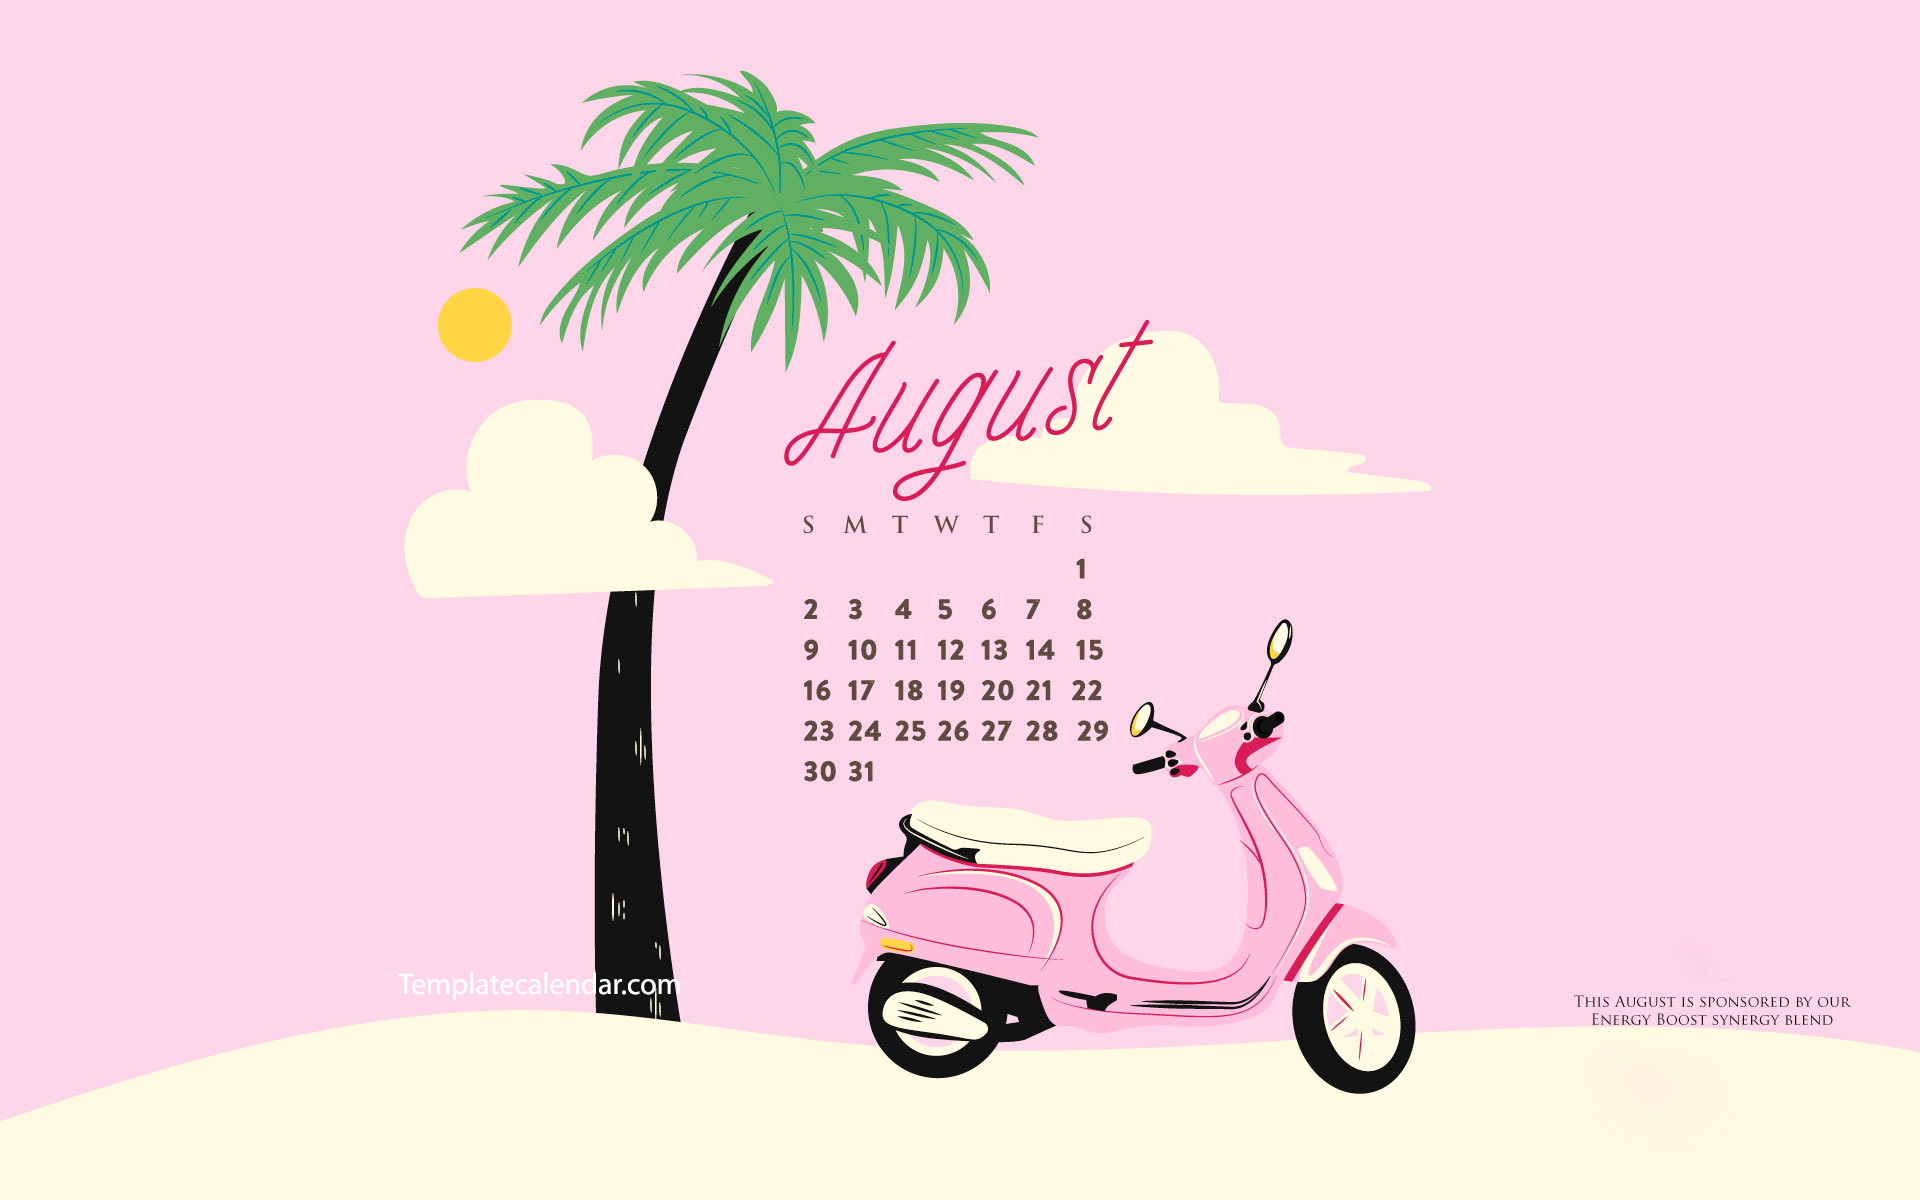 Calendar Wallpaper Cute : Desktop wallpapers calendar july ·①